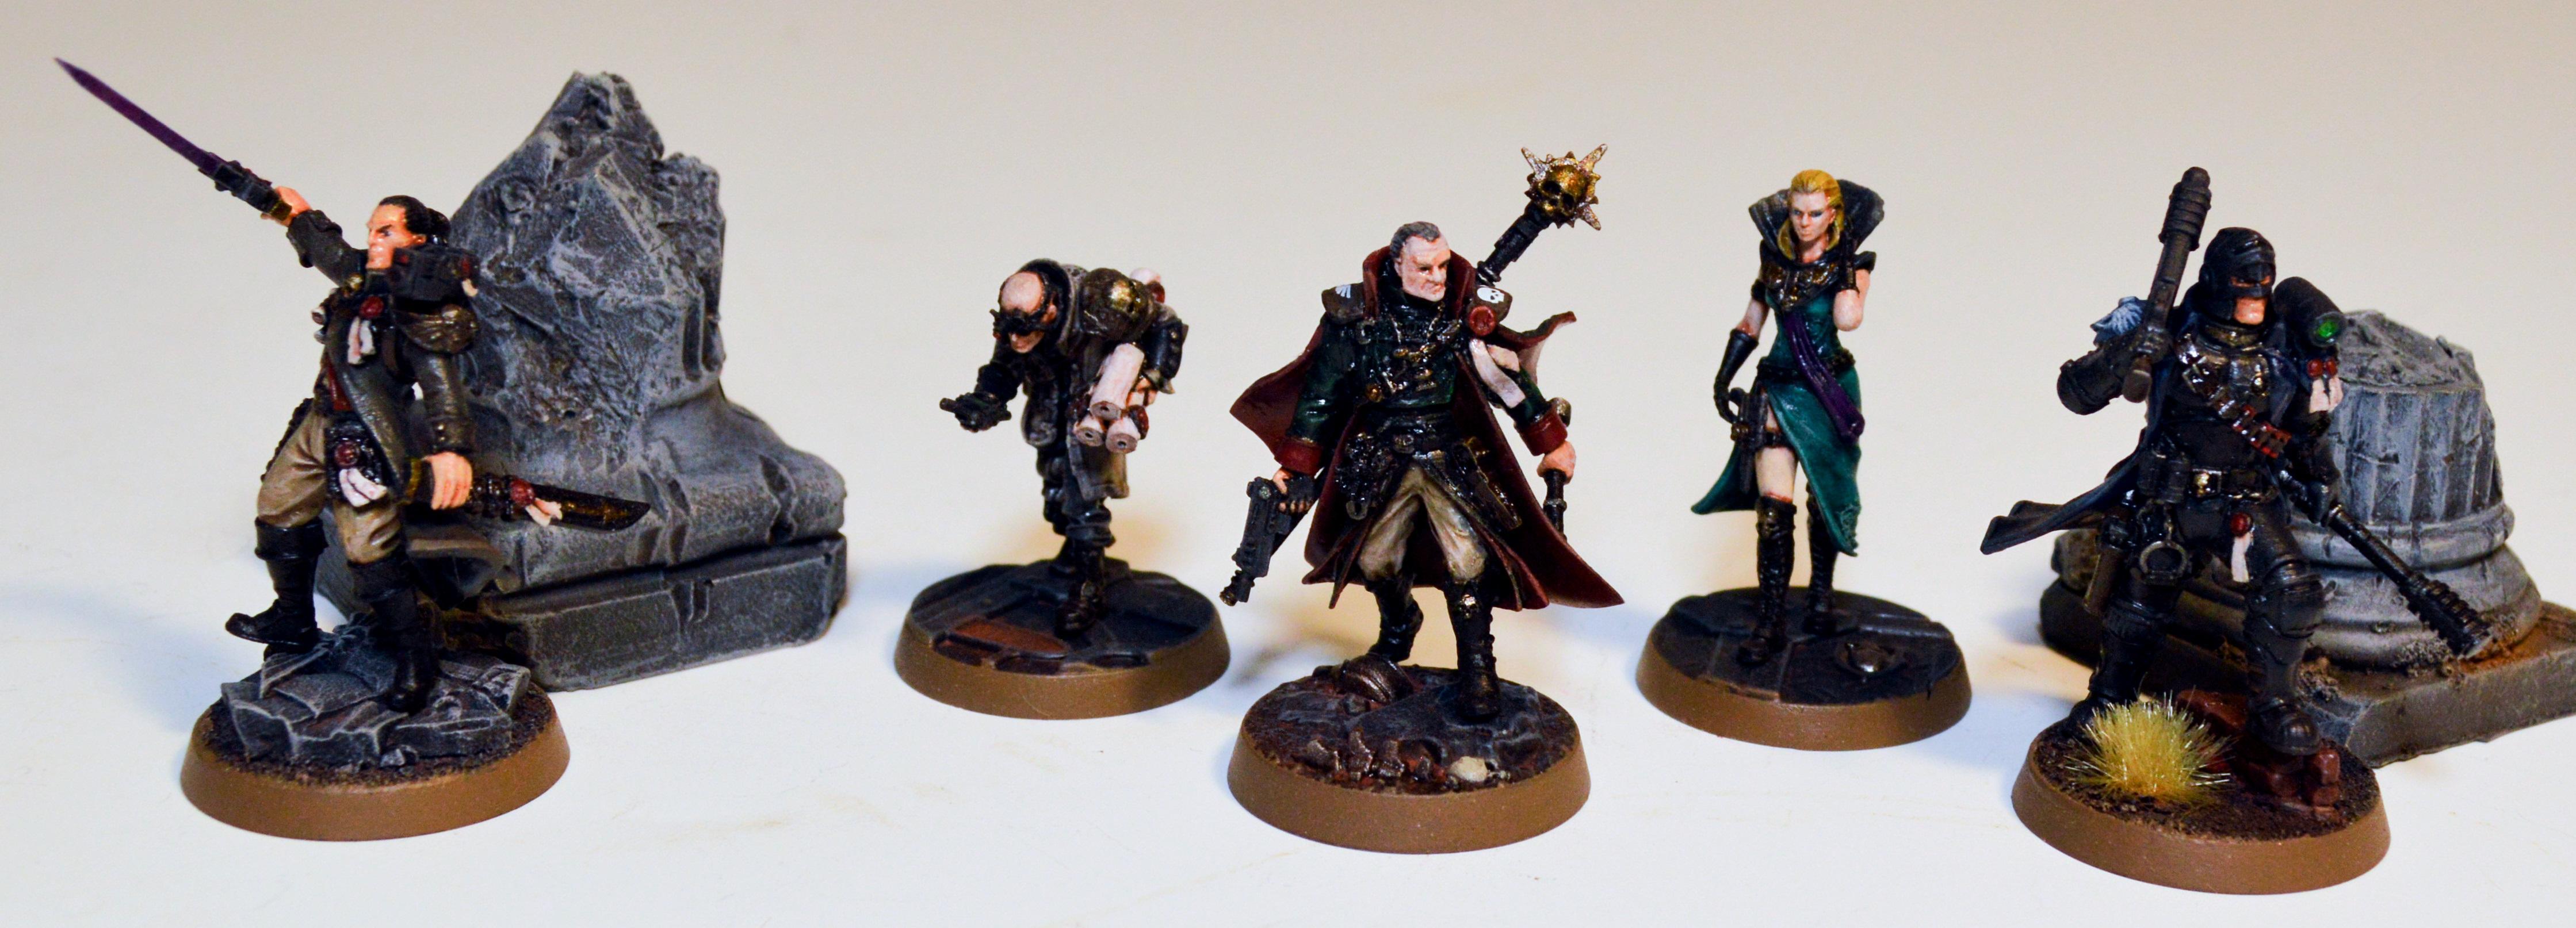 Artel W, Eisenhorn, Inquisition, Warhammer 40,000